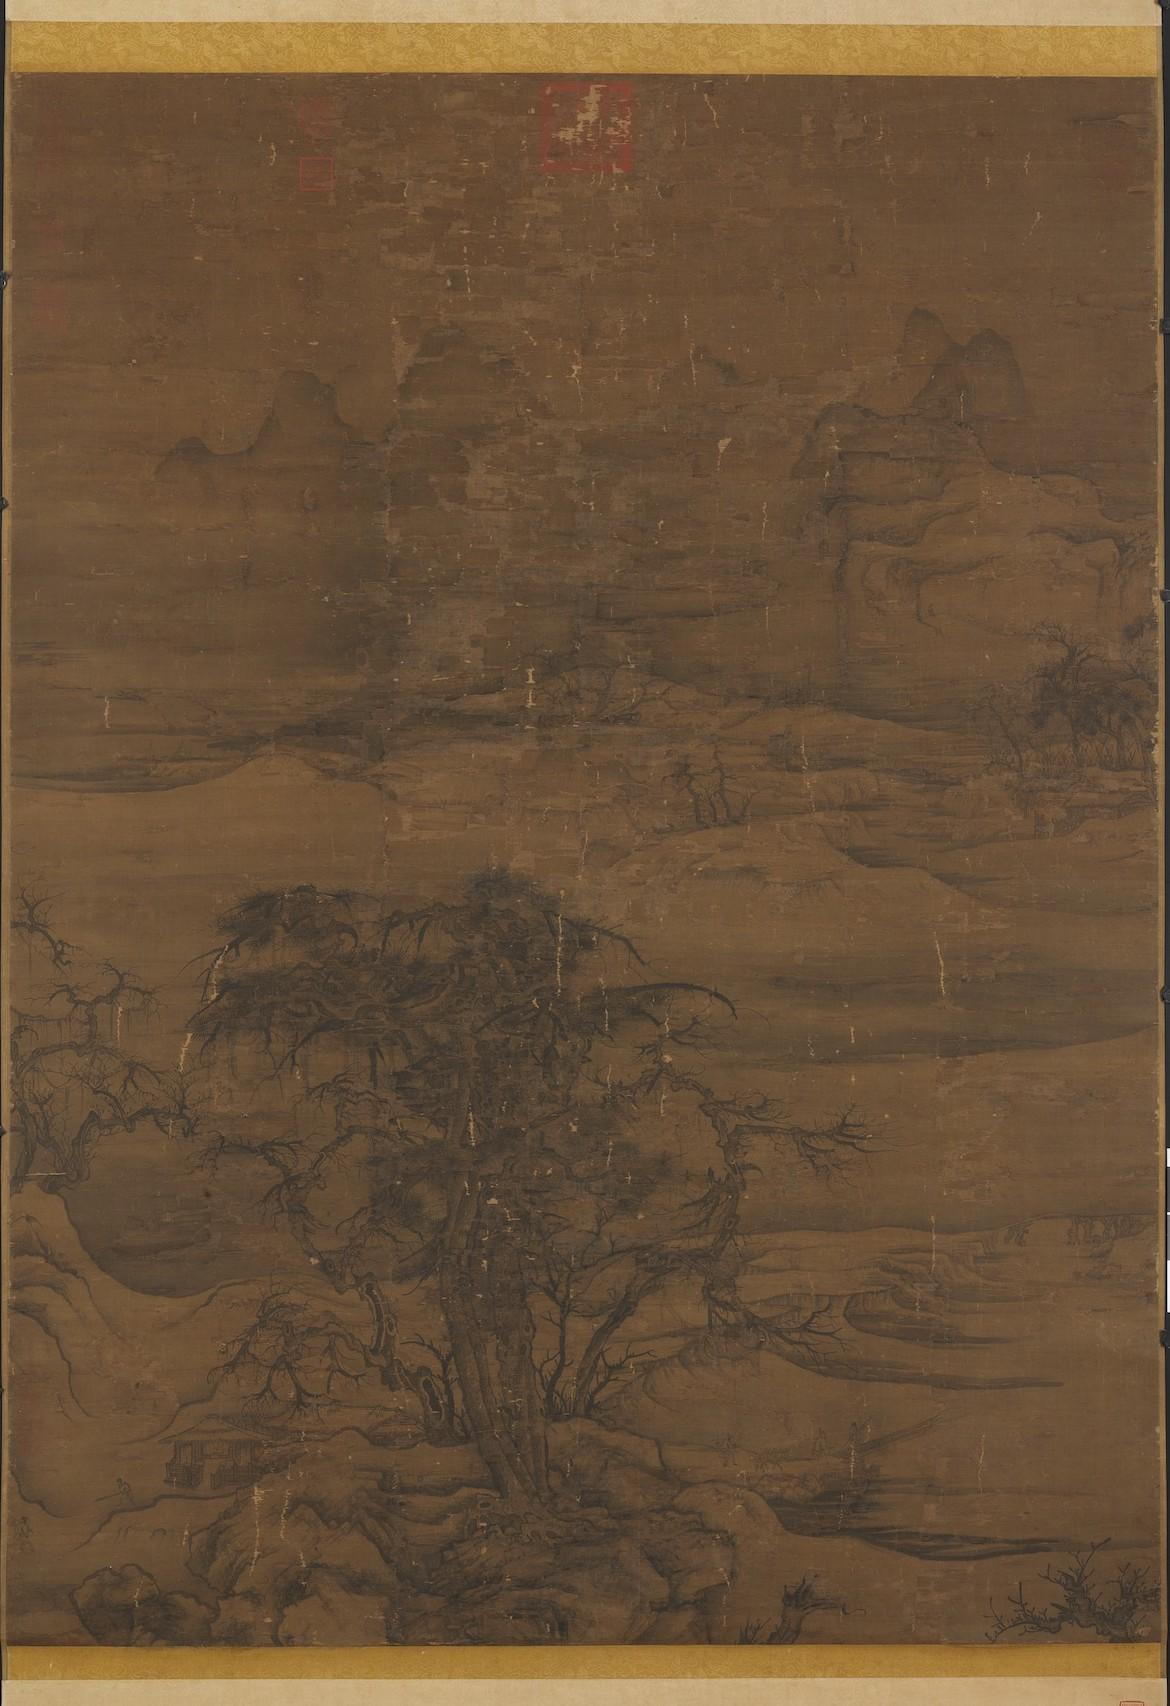 宋 宋人《寒林待渡图》台北故宫博物院藏